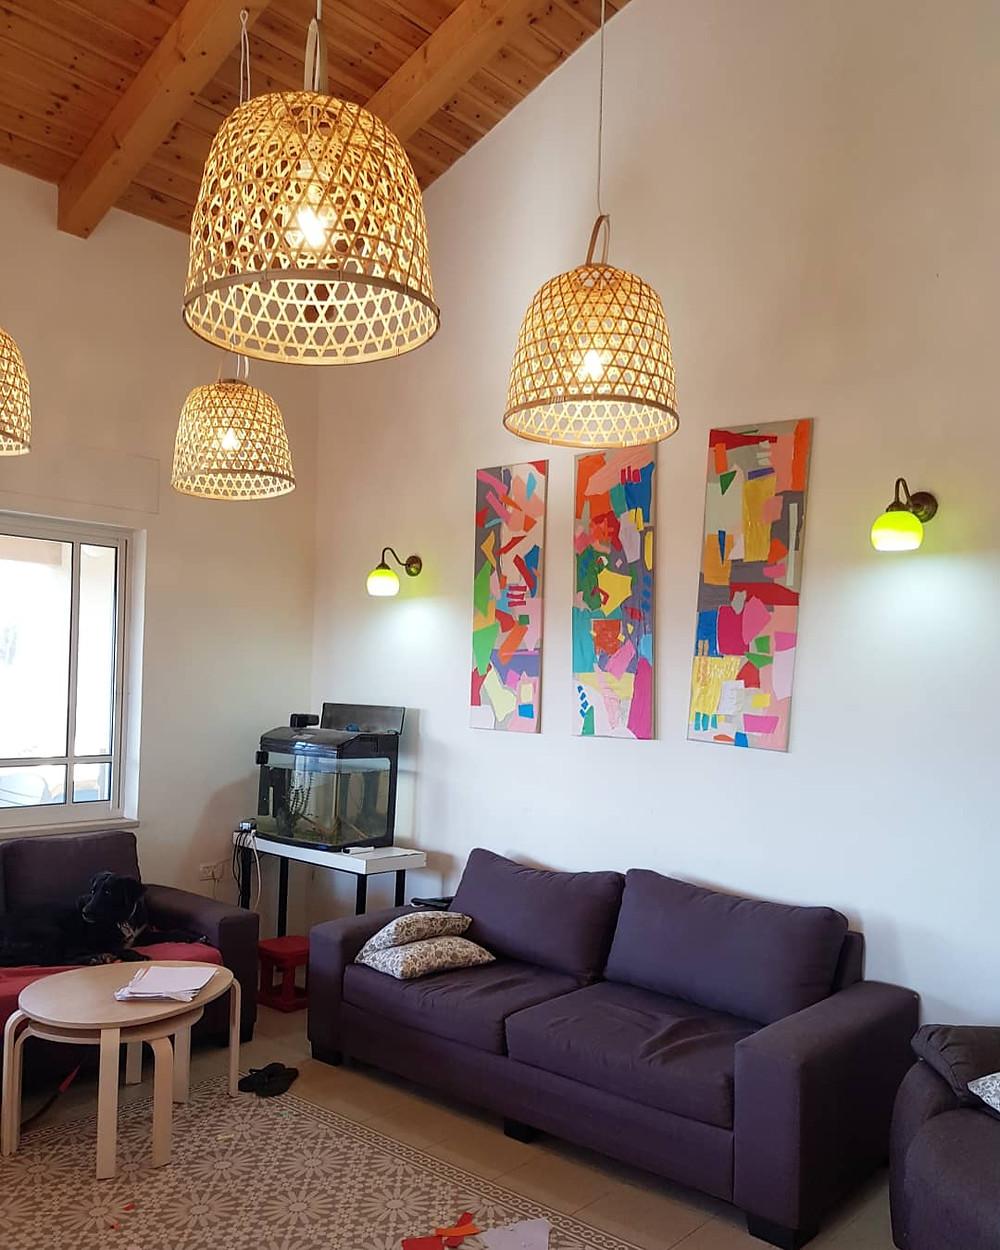 התמונות המוכנות תלויות בסלון. על קיר גבוהה וברקע אהילים מבמקוק